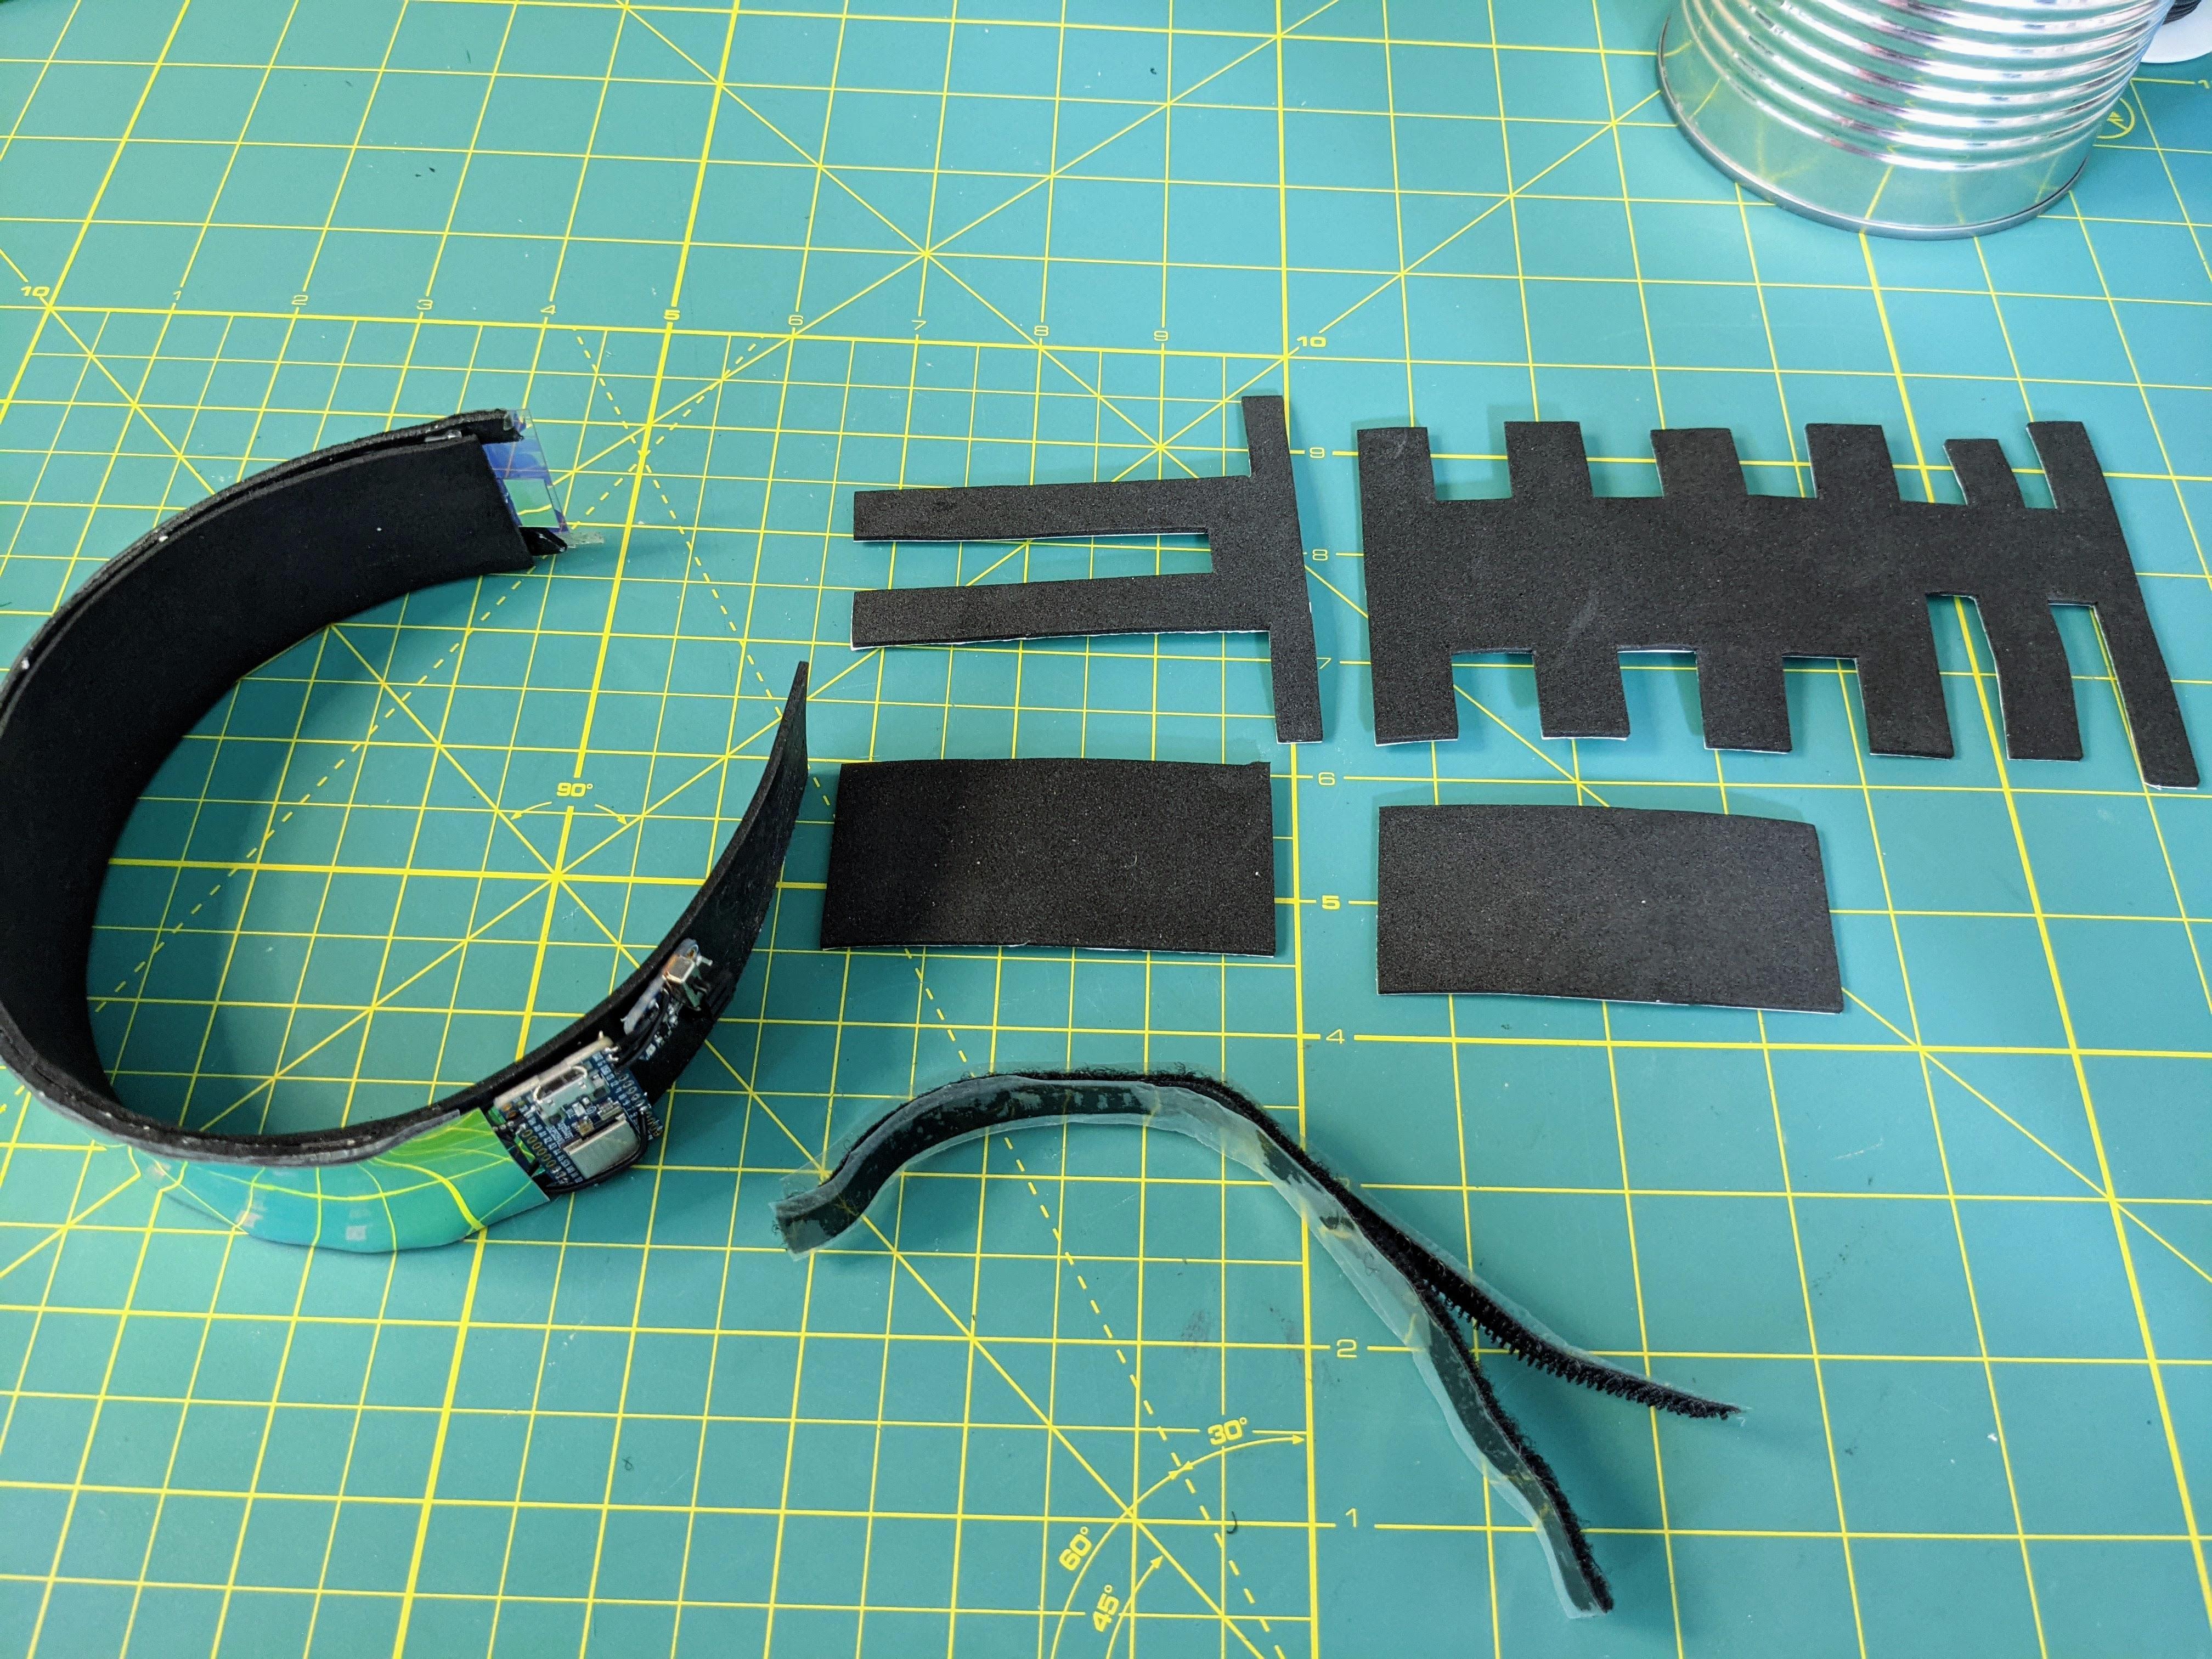 led_strips_PXL_20210125_195646017.jpg